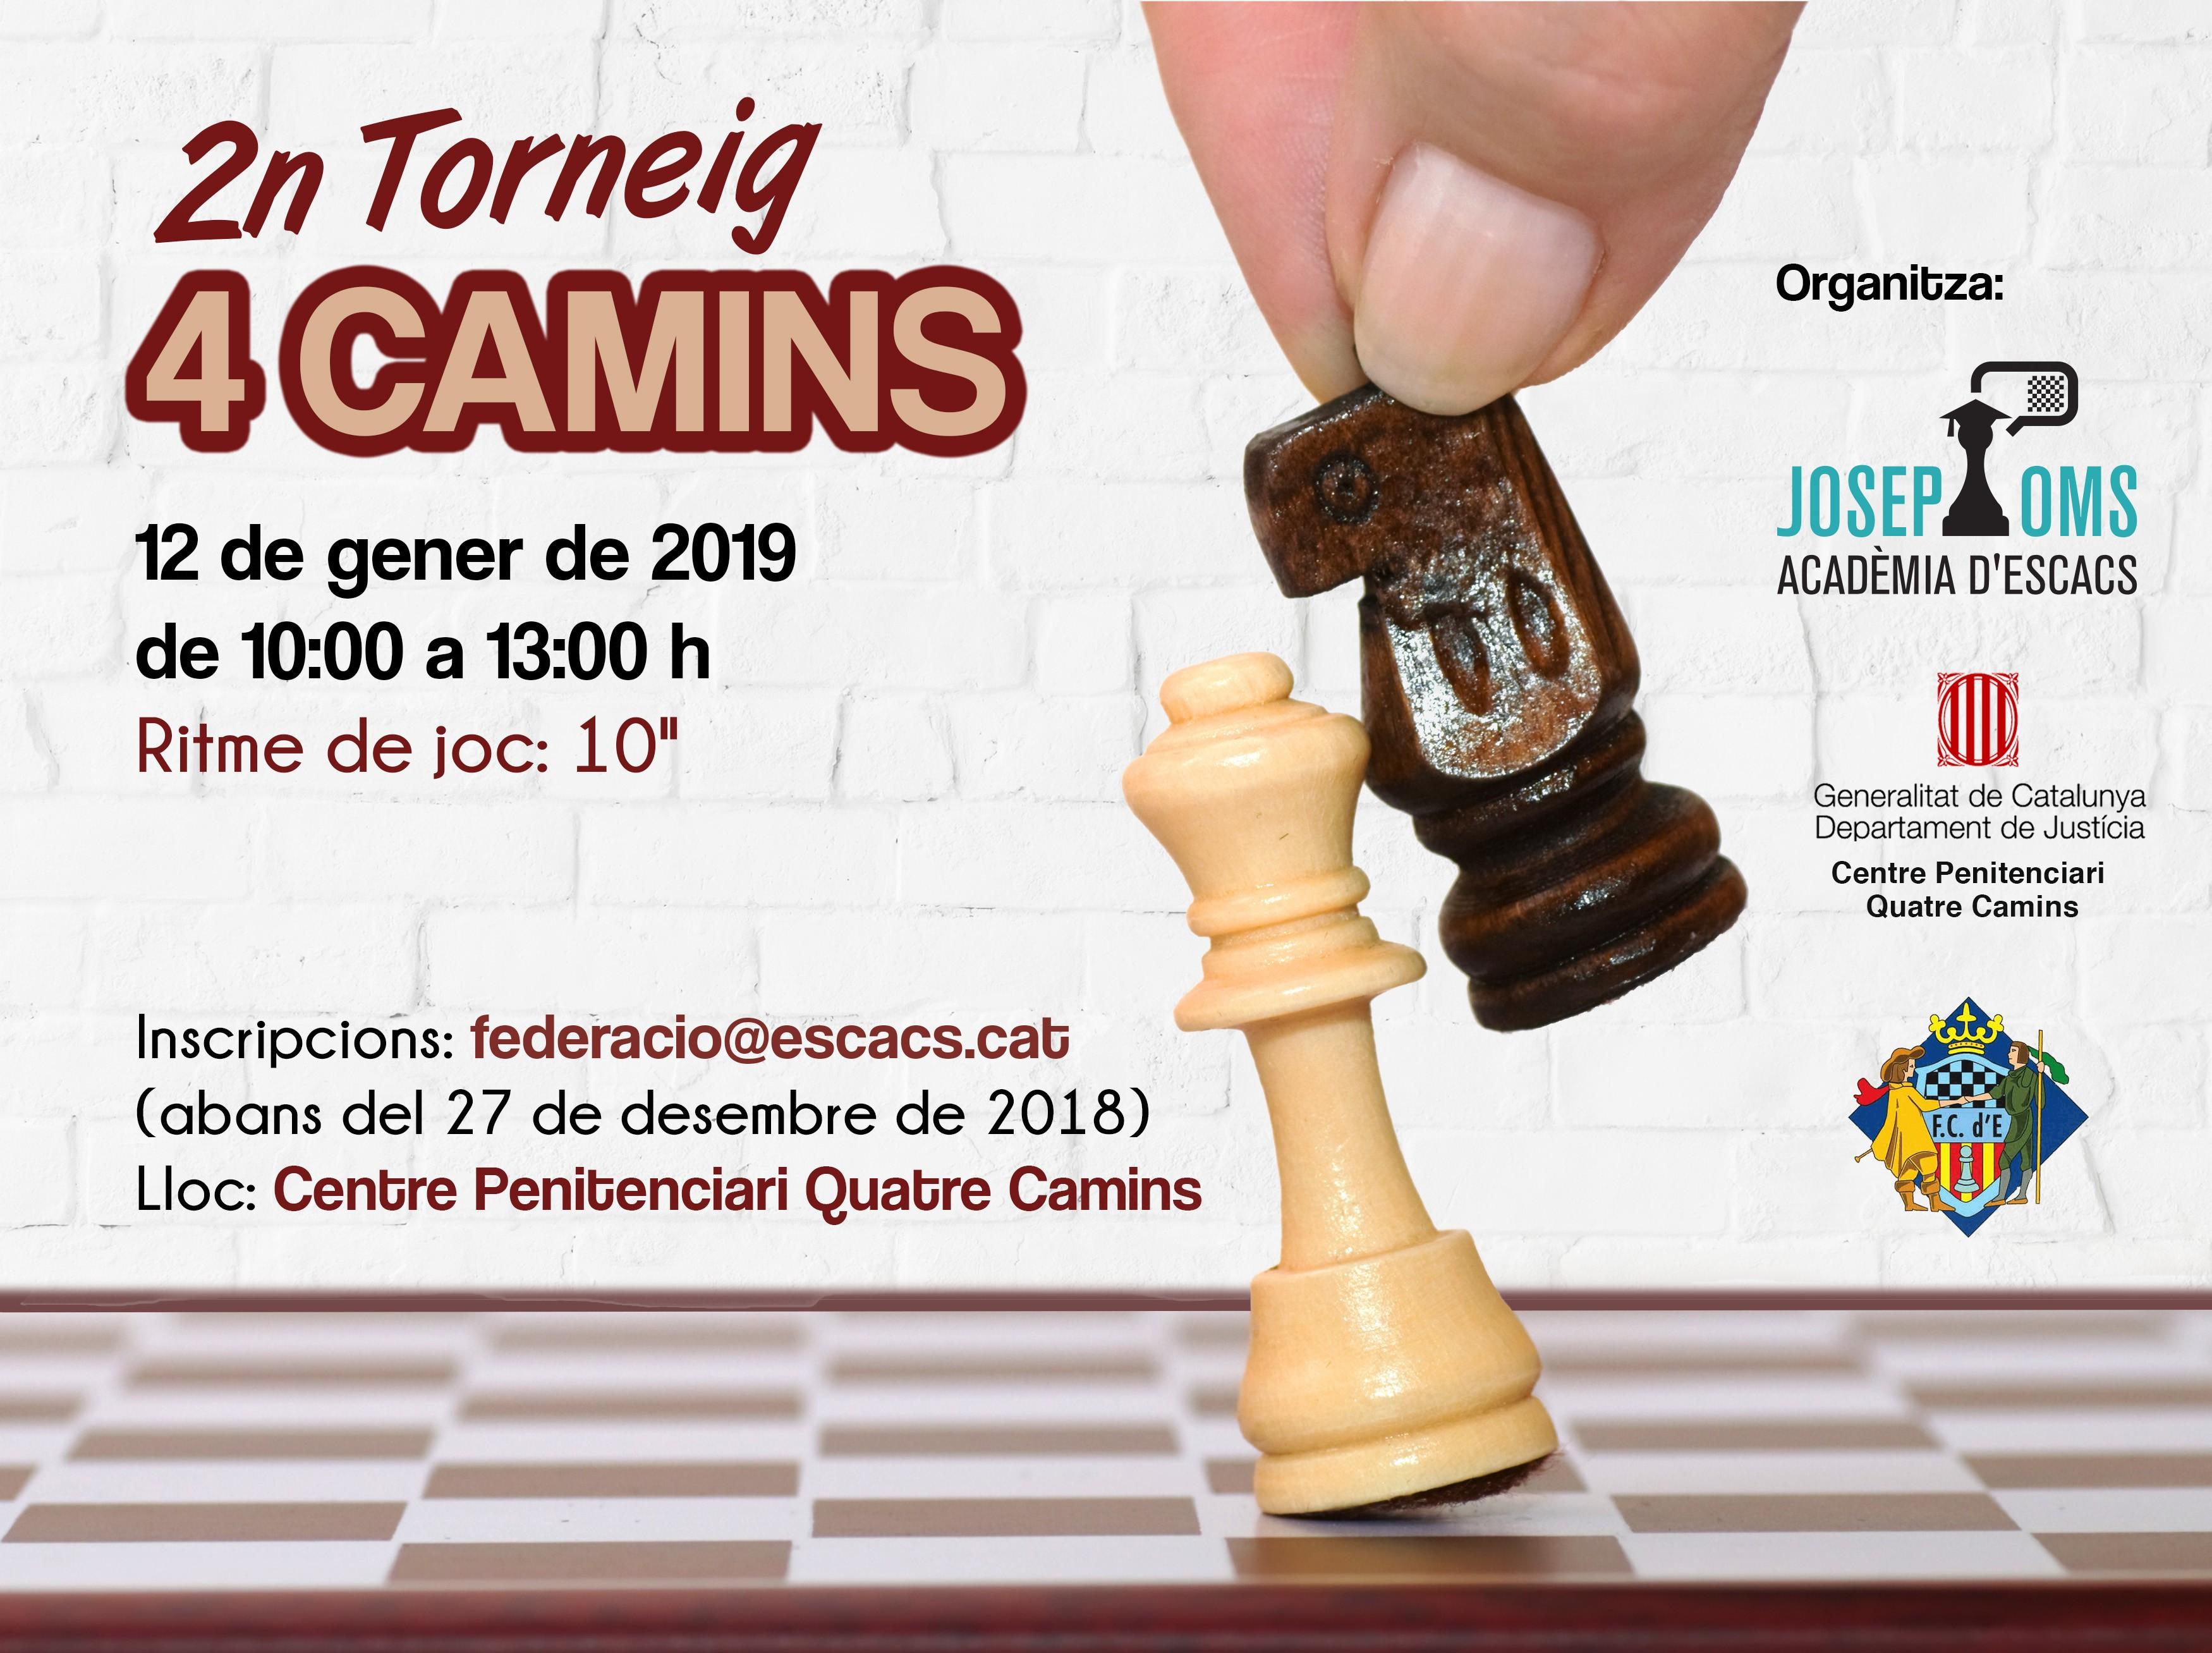 L organitzaci³ corre a crrec del Departament de Justicia de la Generalitat de Catalunya i de l Acad¨mia d escacs Josep Oms